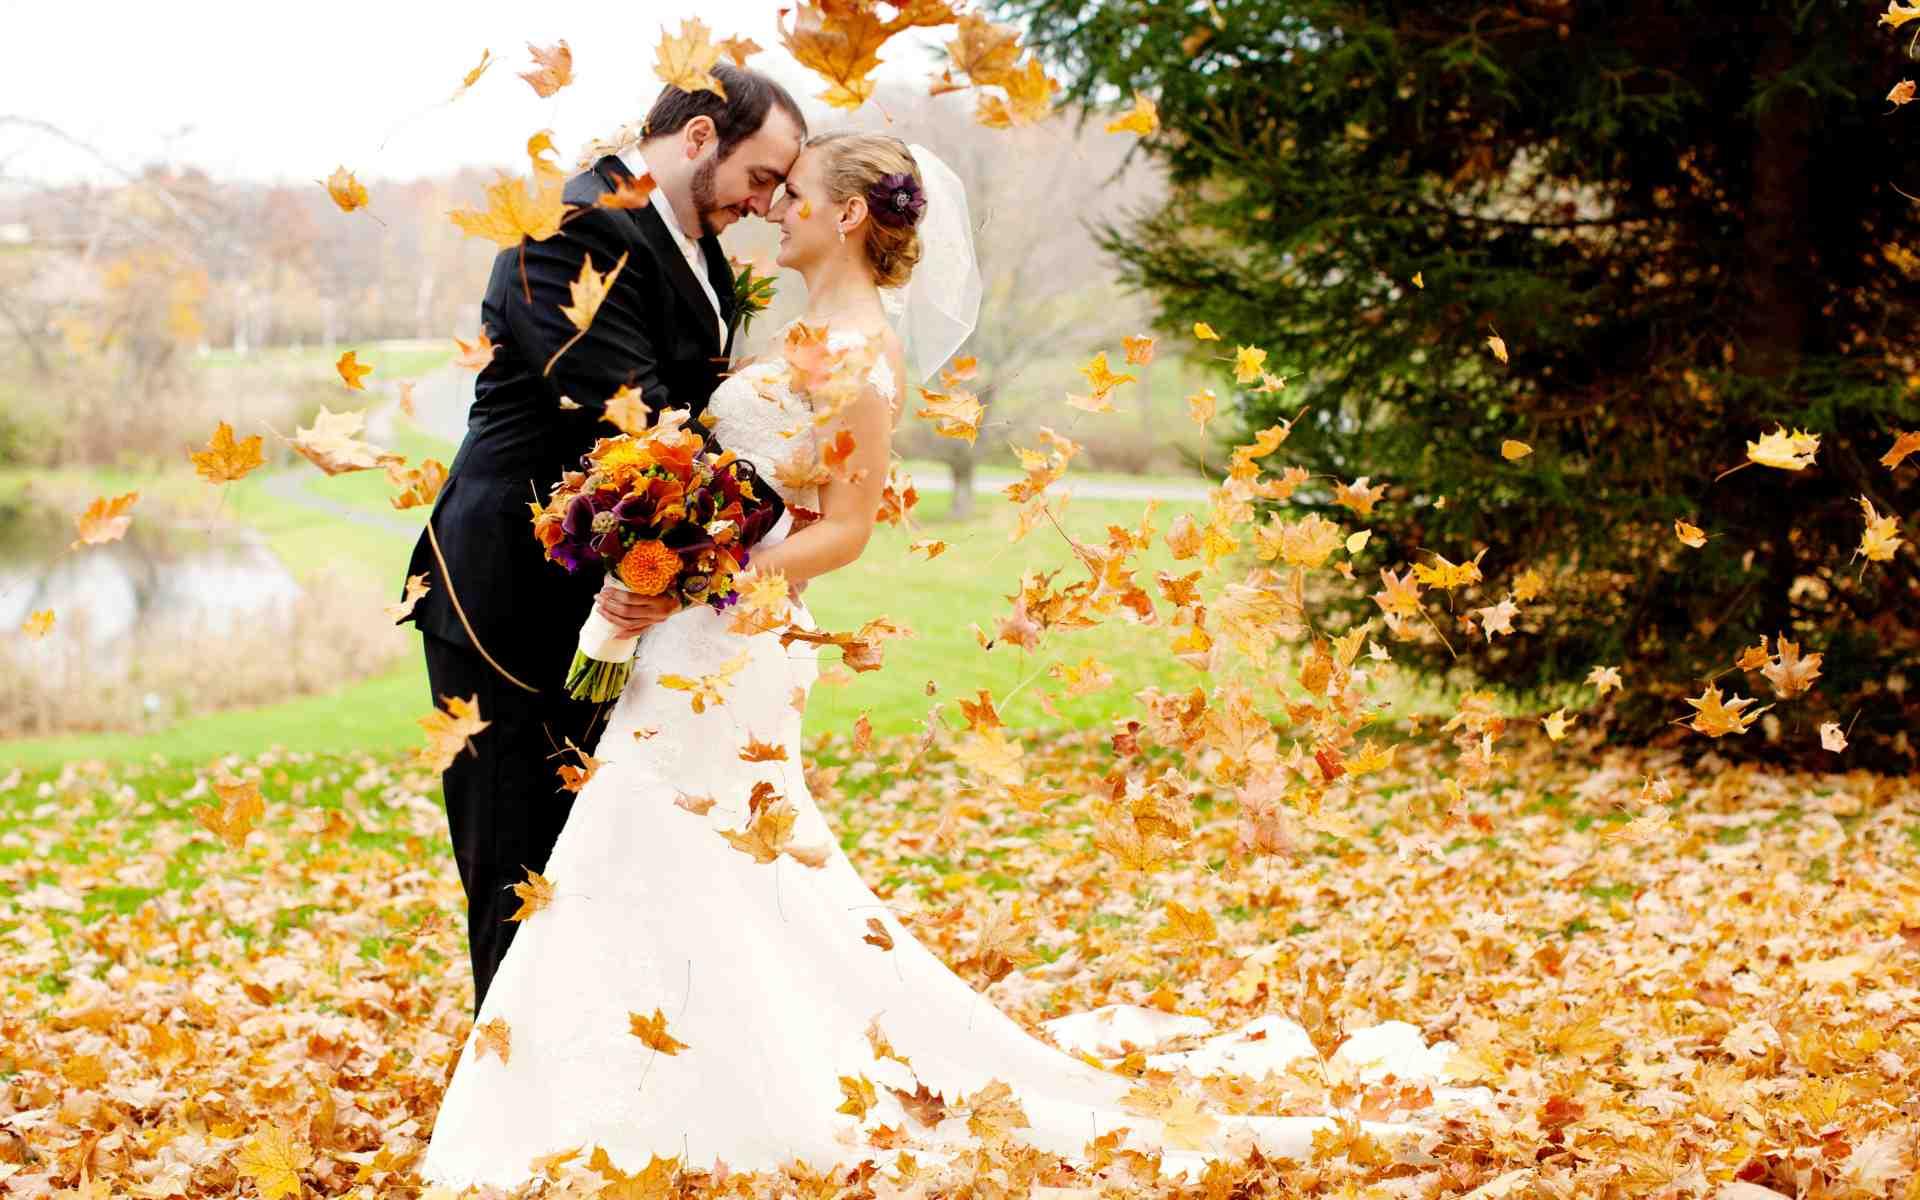 Видеосъемка свадьбы осенью.56579